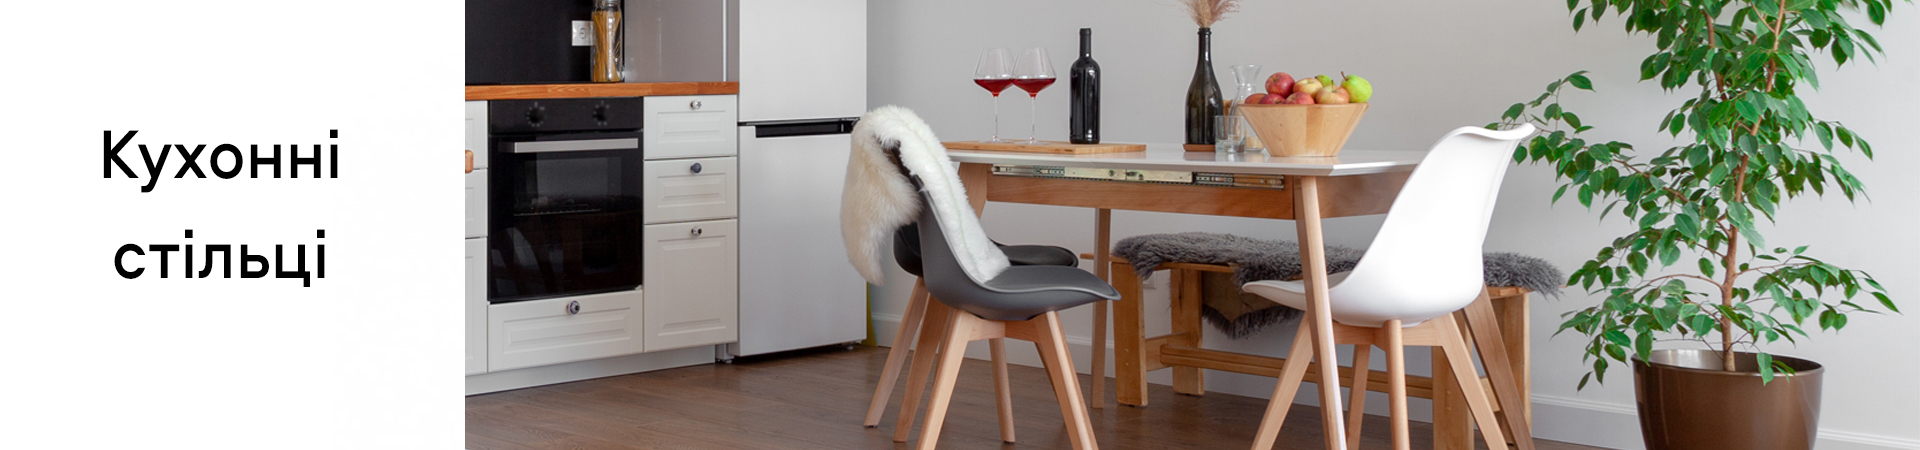 Кухонні стільці Матеріал оббивки Екошкіра, Колір Темно-коричневий